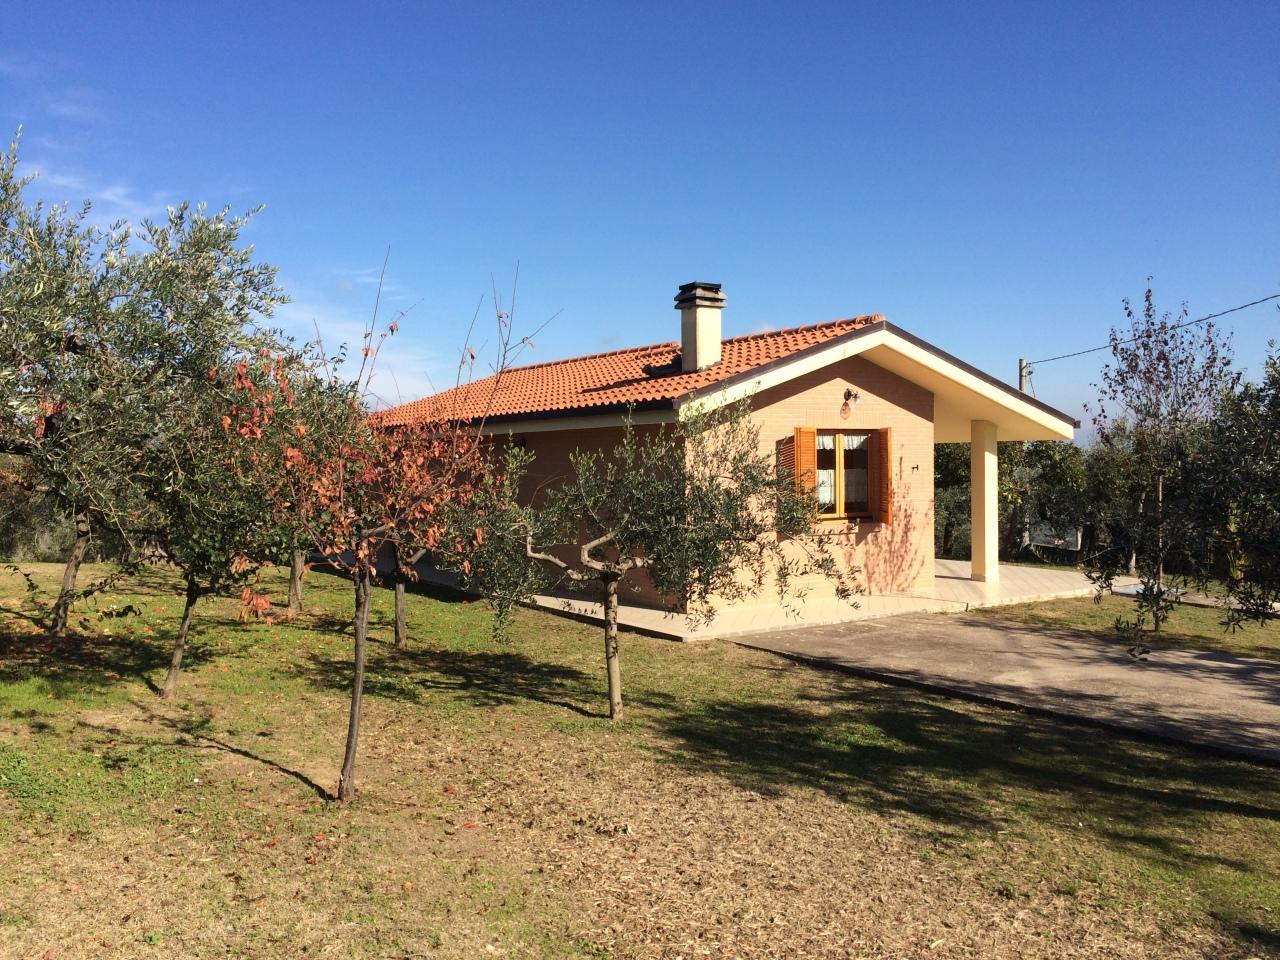 Casa indipendente - Casa singola con terreno a Loreto Aprutino